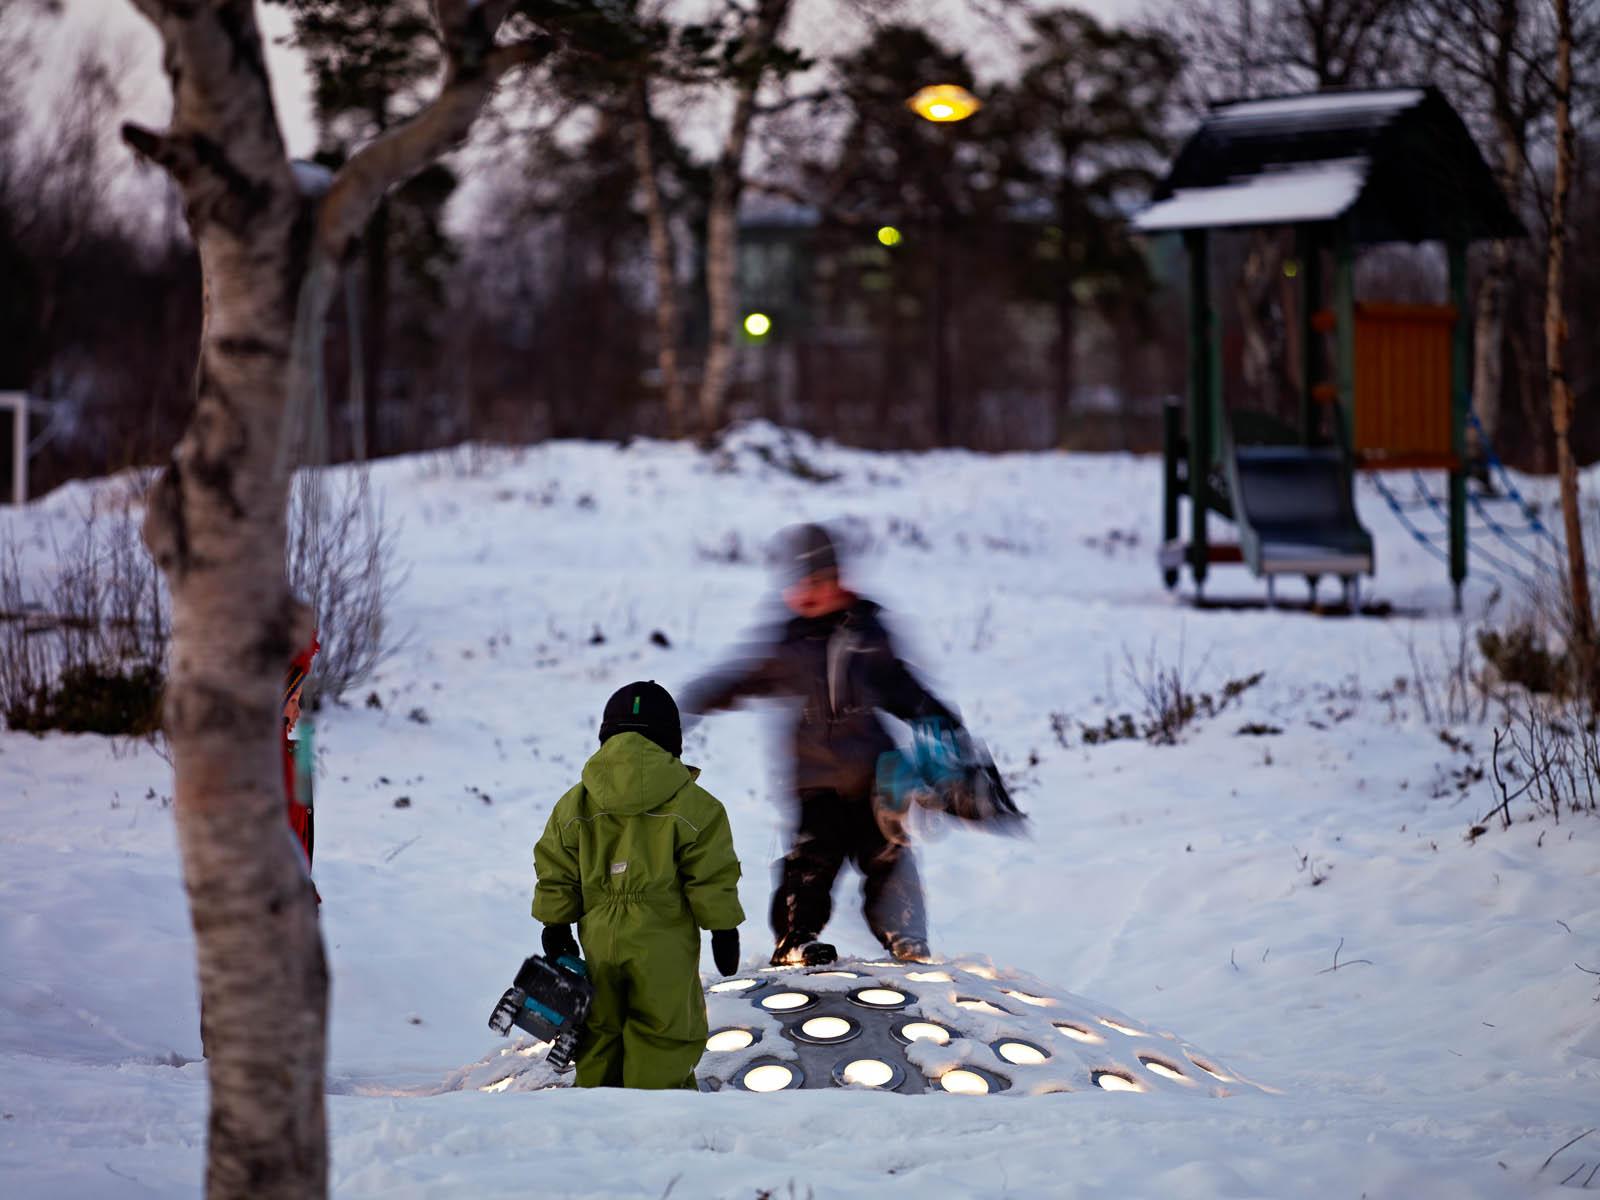 Två barn leker på stålkupolen som sticker upp ur snön. Lamporna lyser vita. I bakgrunden en lekplats. Markus Lantto, Termonoder, 2009